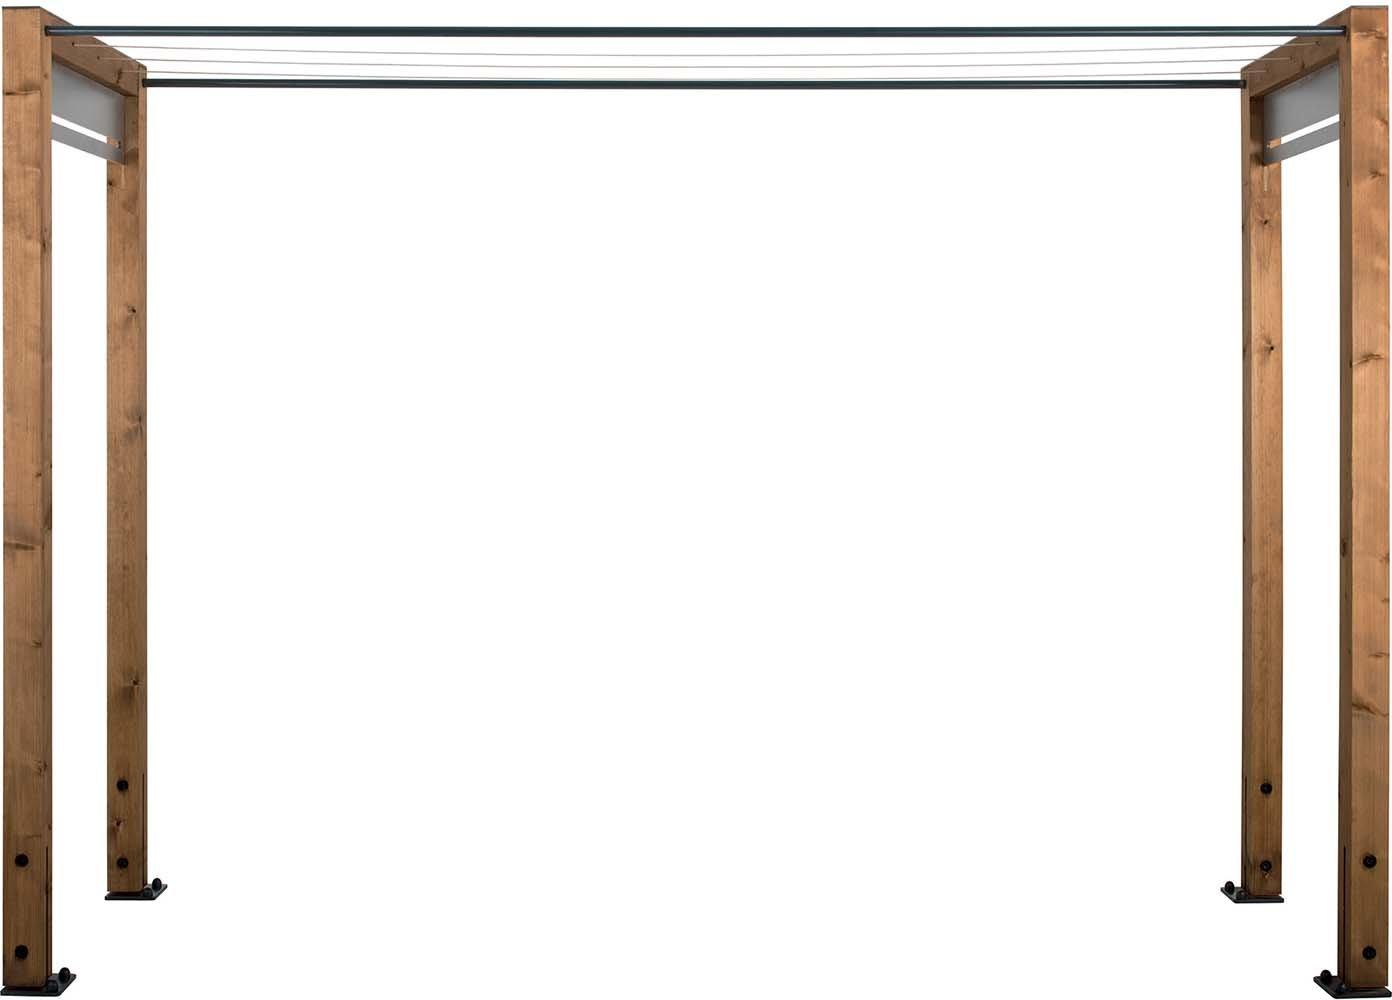 pour C8 2002-2007 // ULYSSE II 2002-2006 // PHEDRA 2002-2006 // 807 2002-2006 le kit dassemblage complet ETS-EXHAUST 52640 Silencieux interm/édiaire